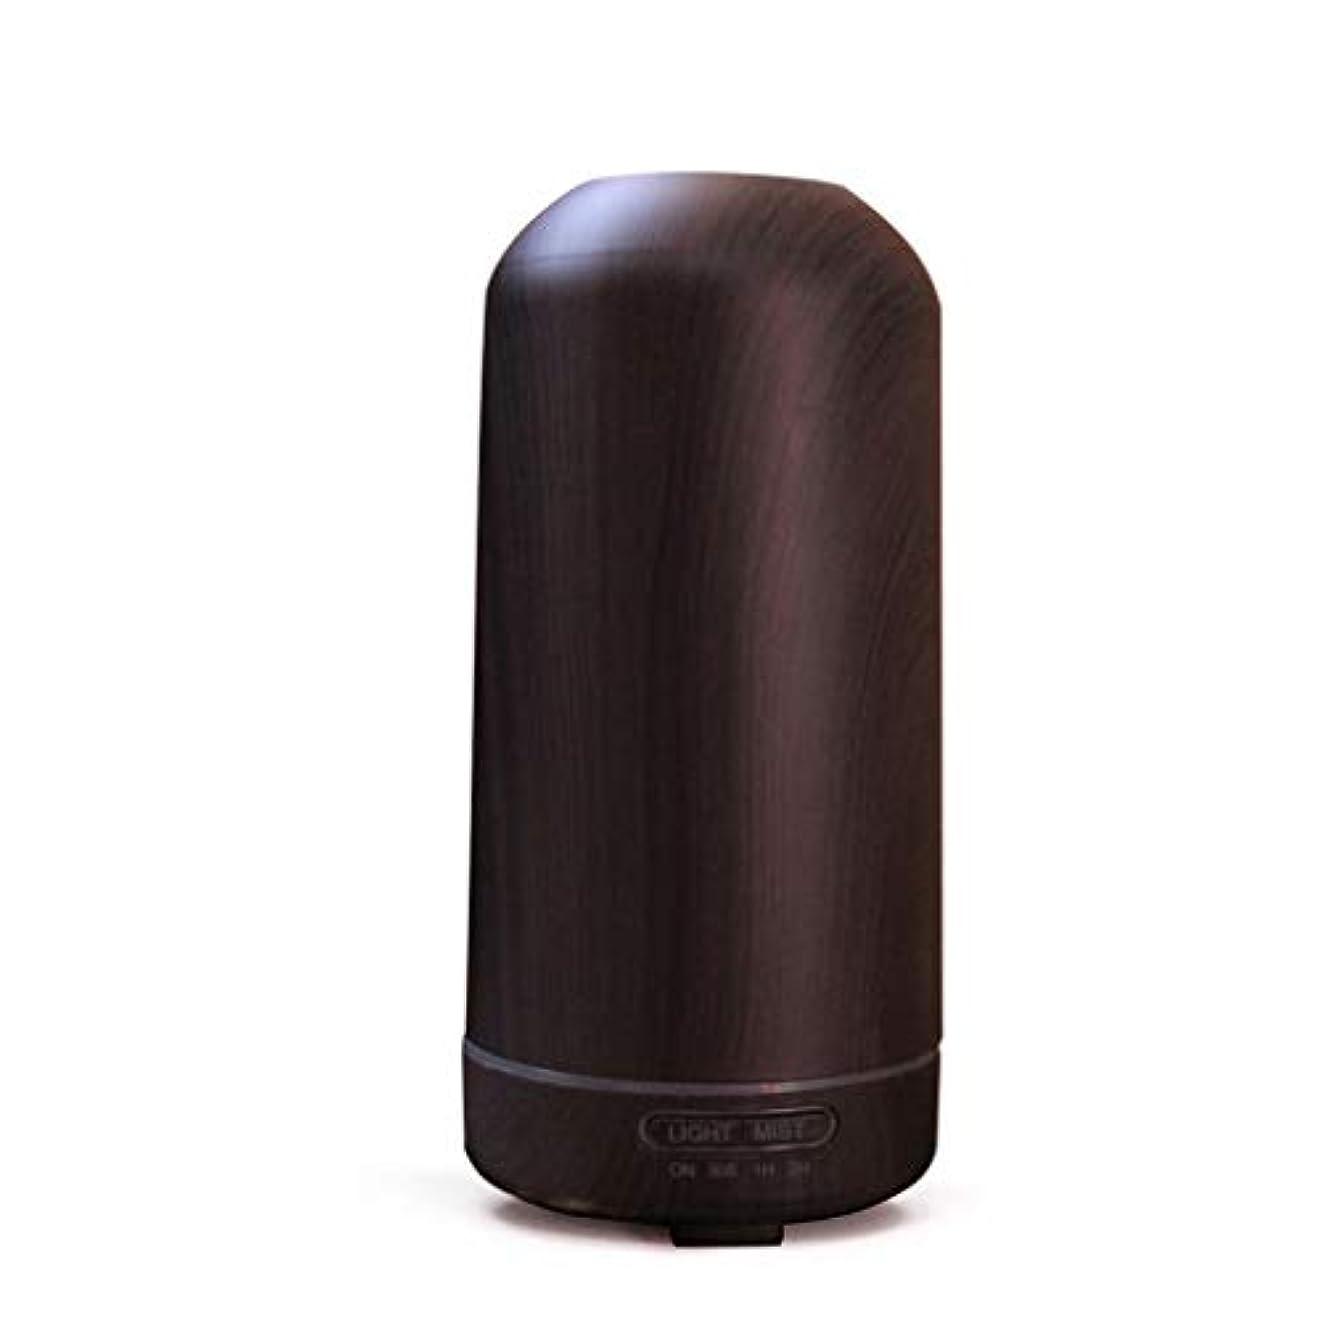 する帰る社員100ミリリットル超音波クールミスト加湿器カラーLEDライト付きホームヨガオフィススパ寝室ベビールーム - ウッドグレインディフューザー (Color : Dark wood grain)